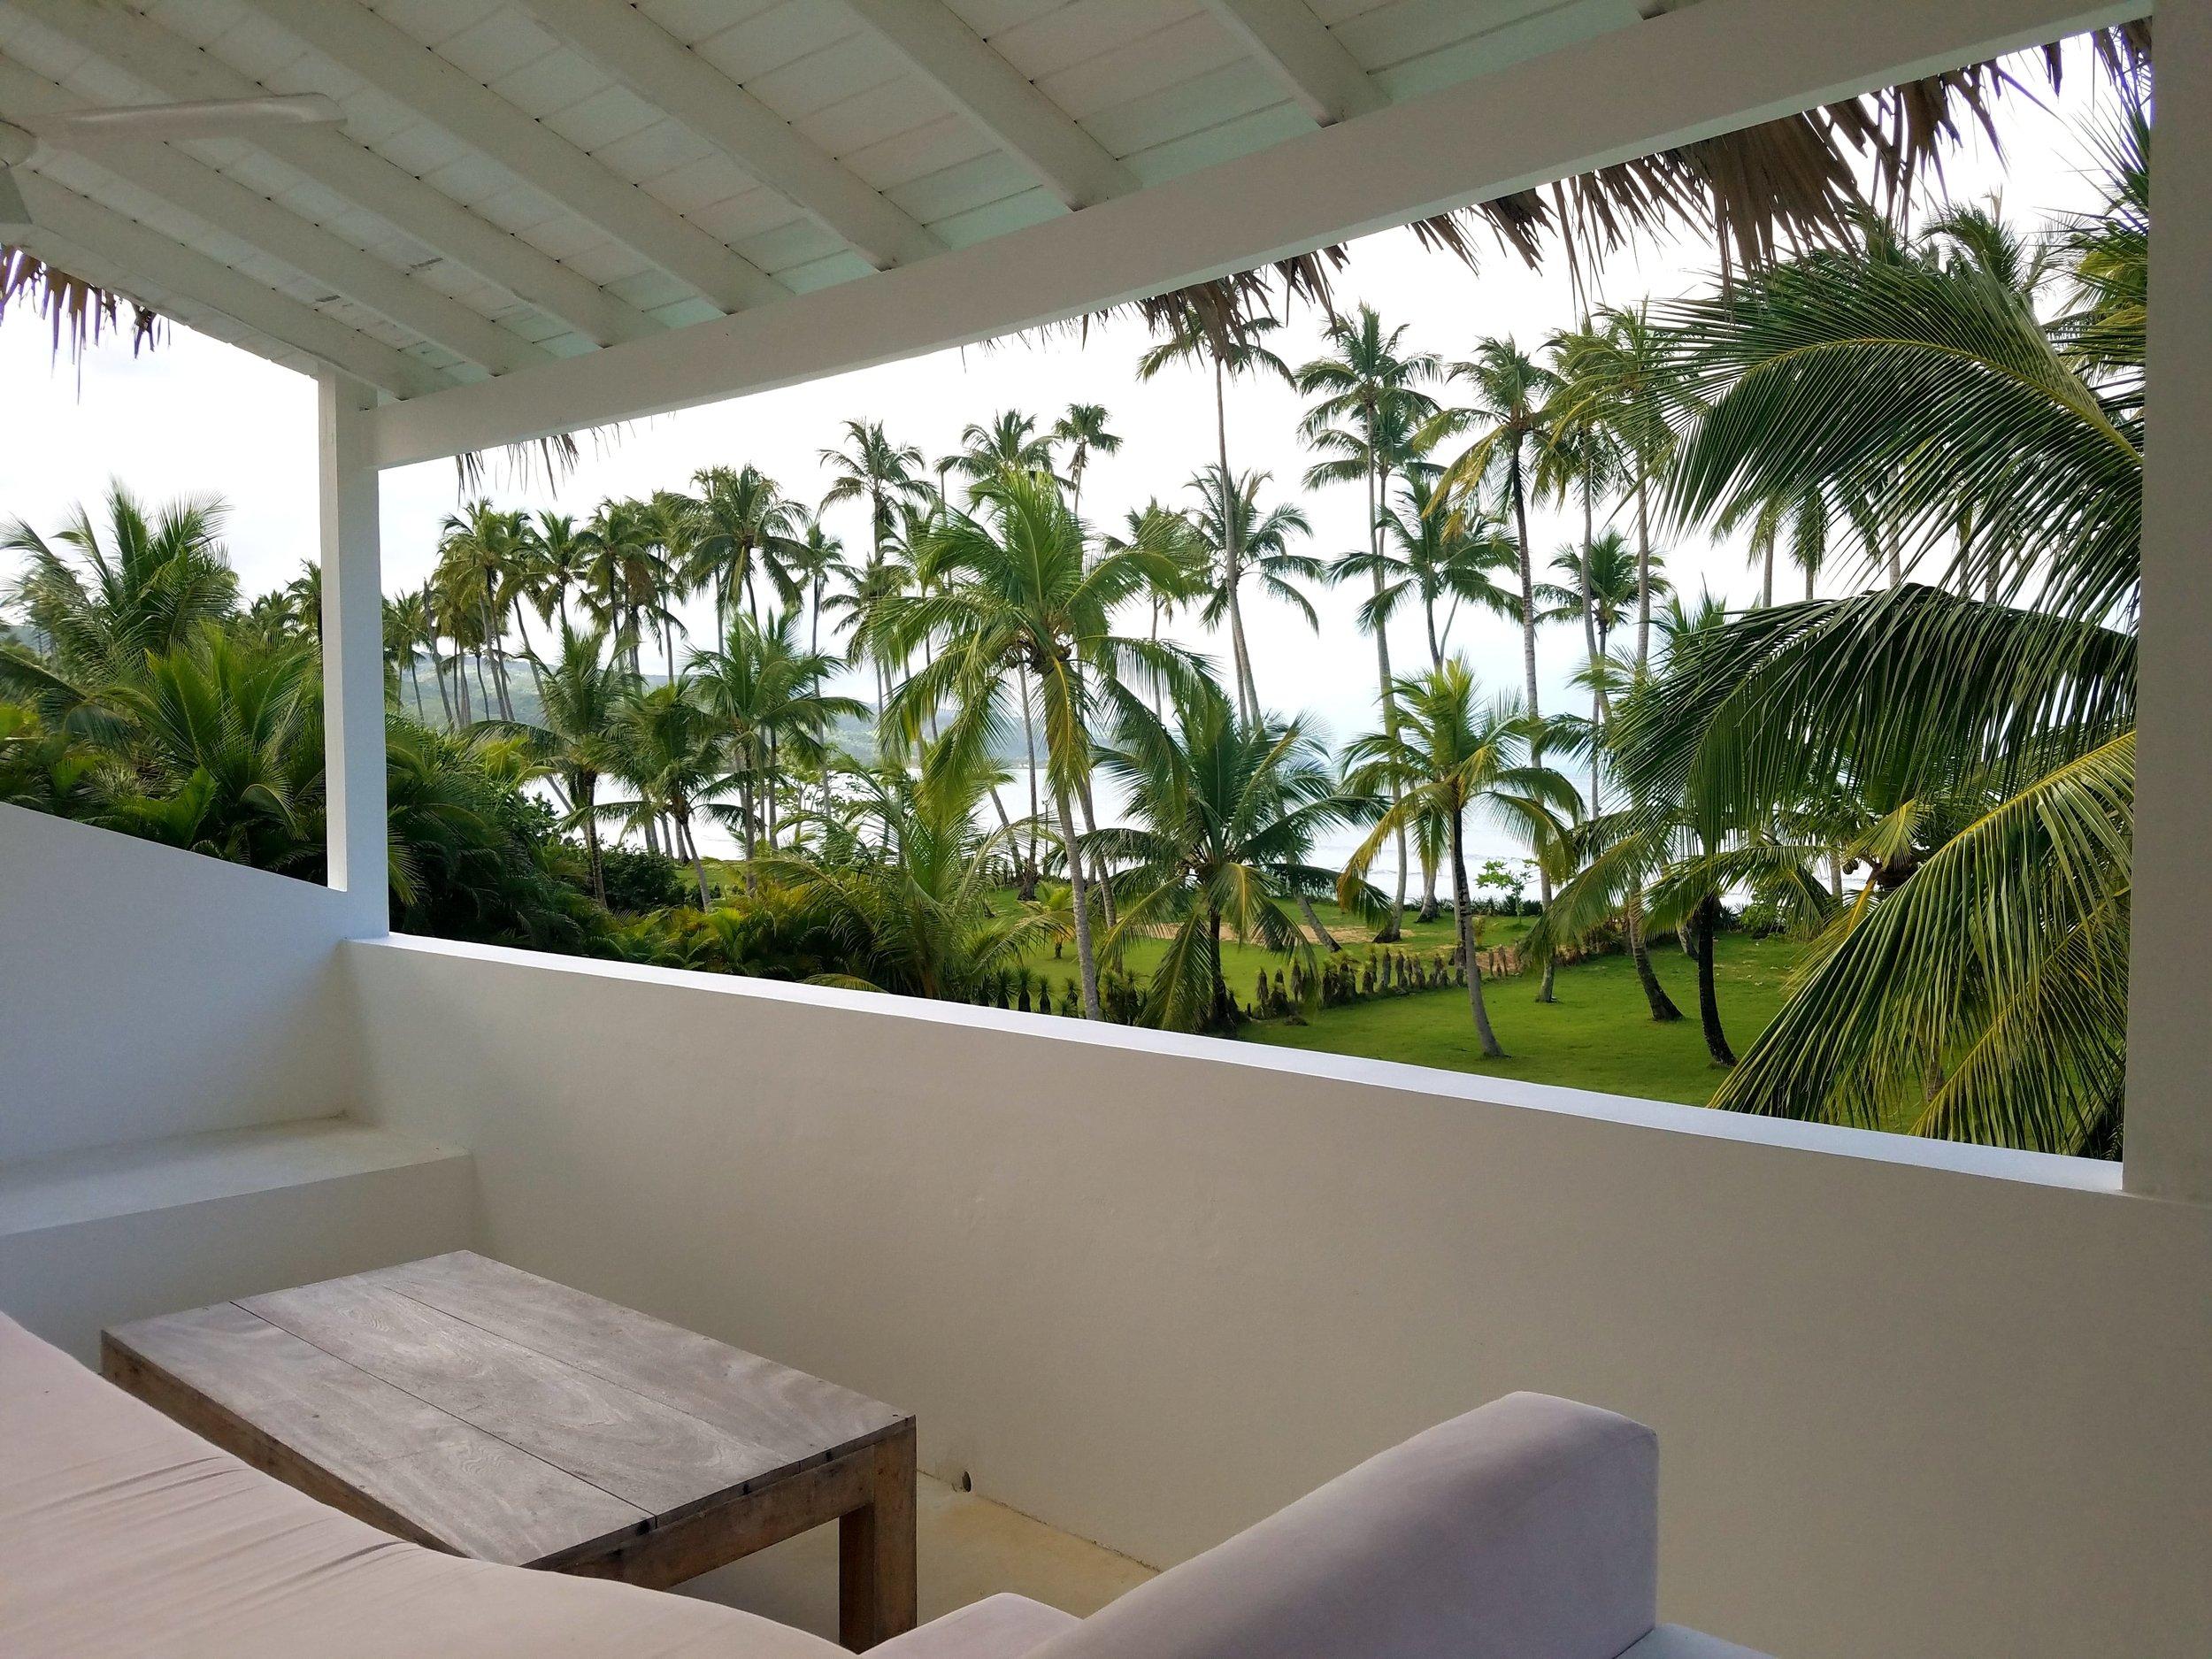 Villa for rent Las Terrenas Samana Casa Bibi13-min.jpg